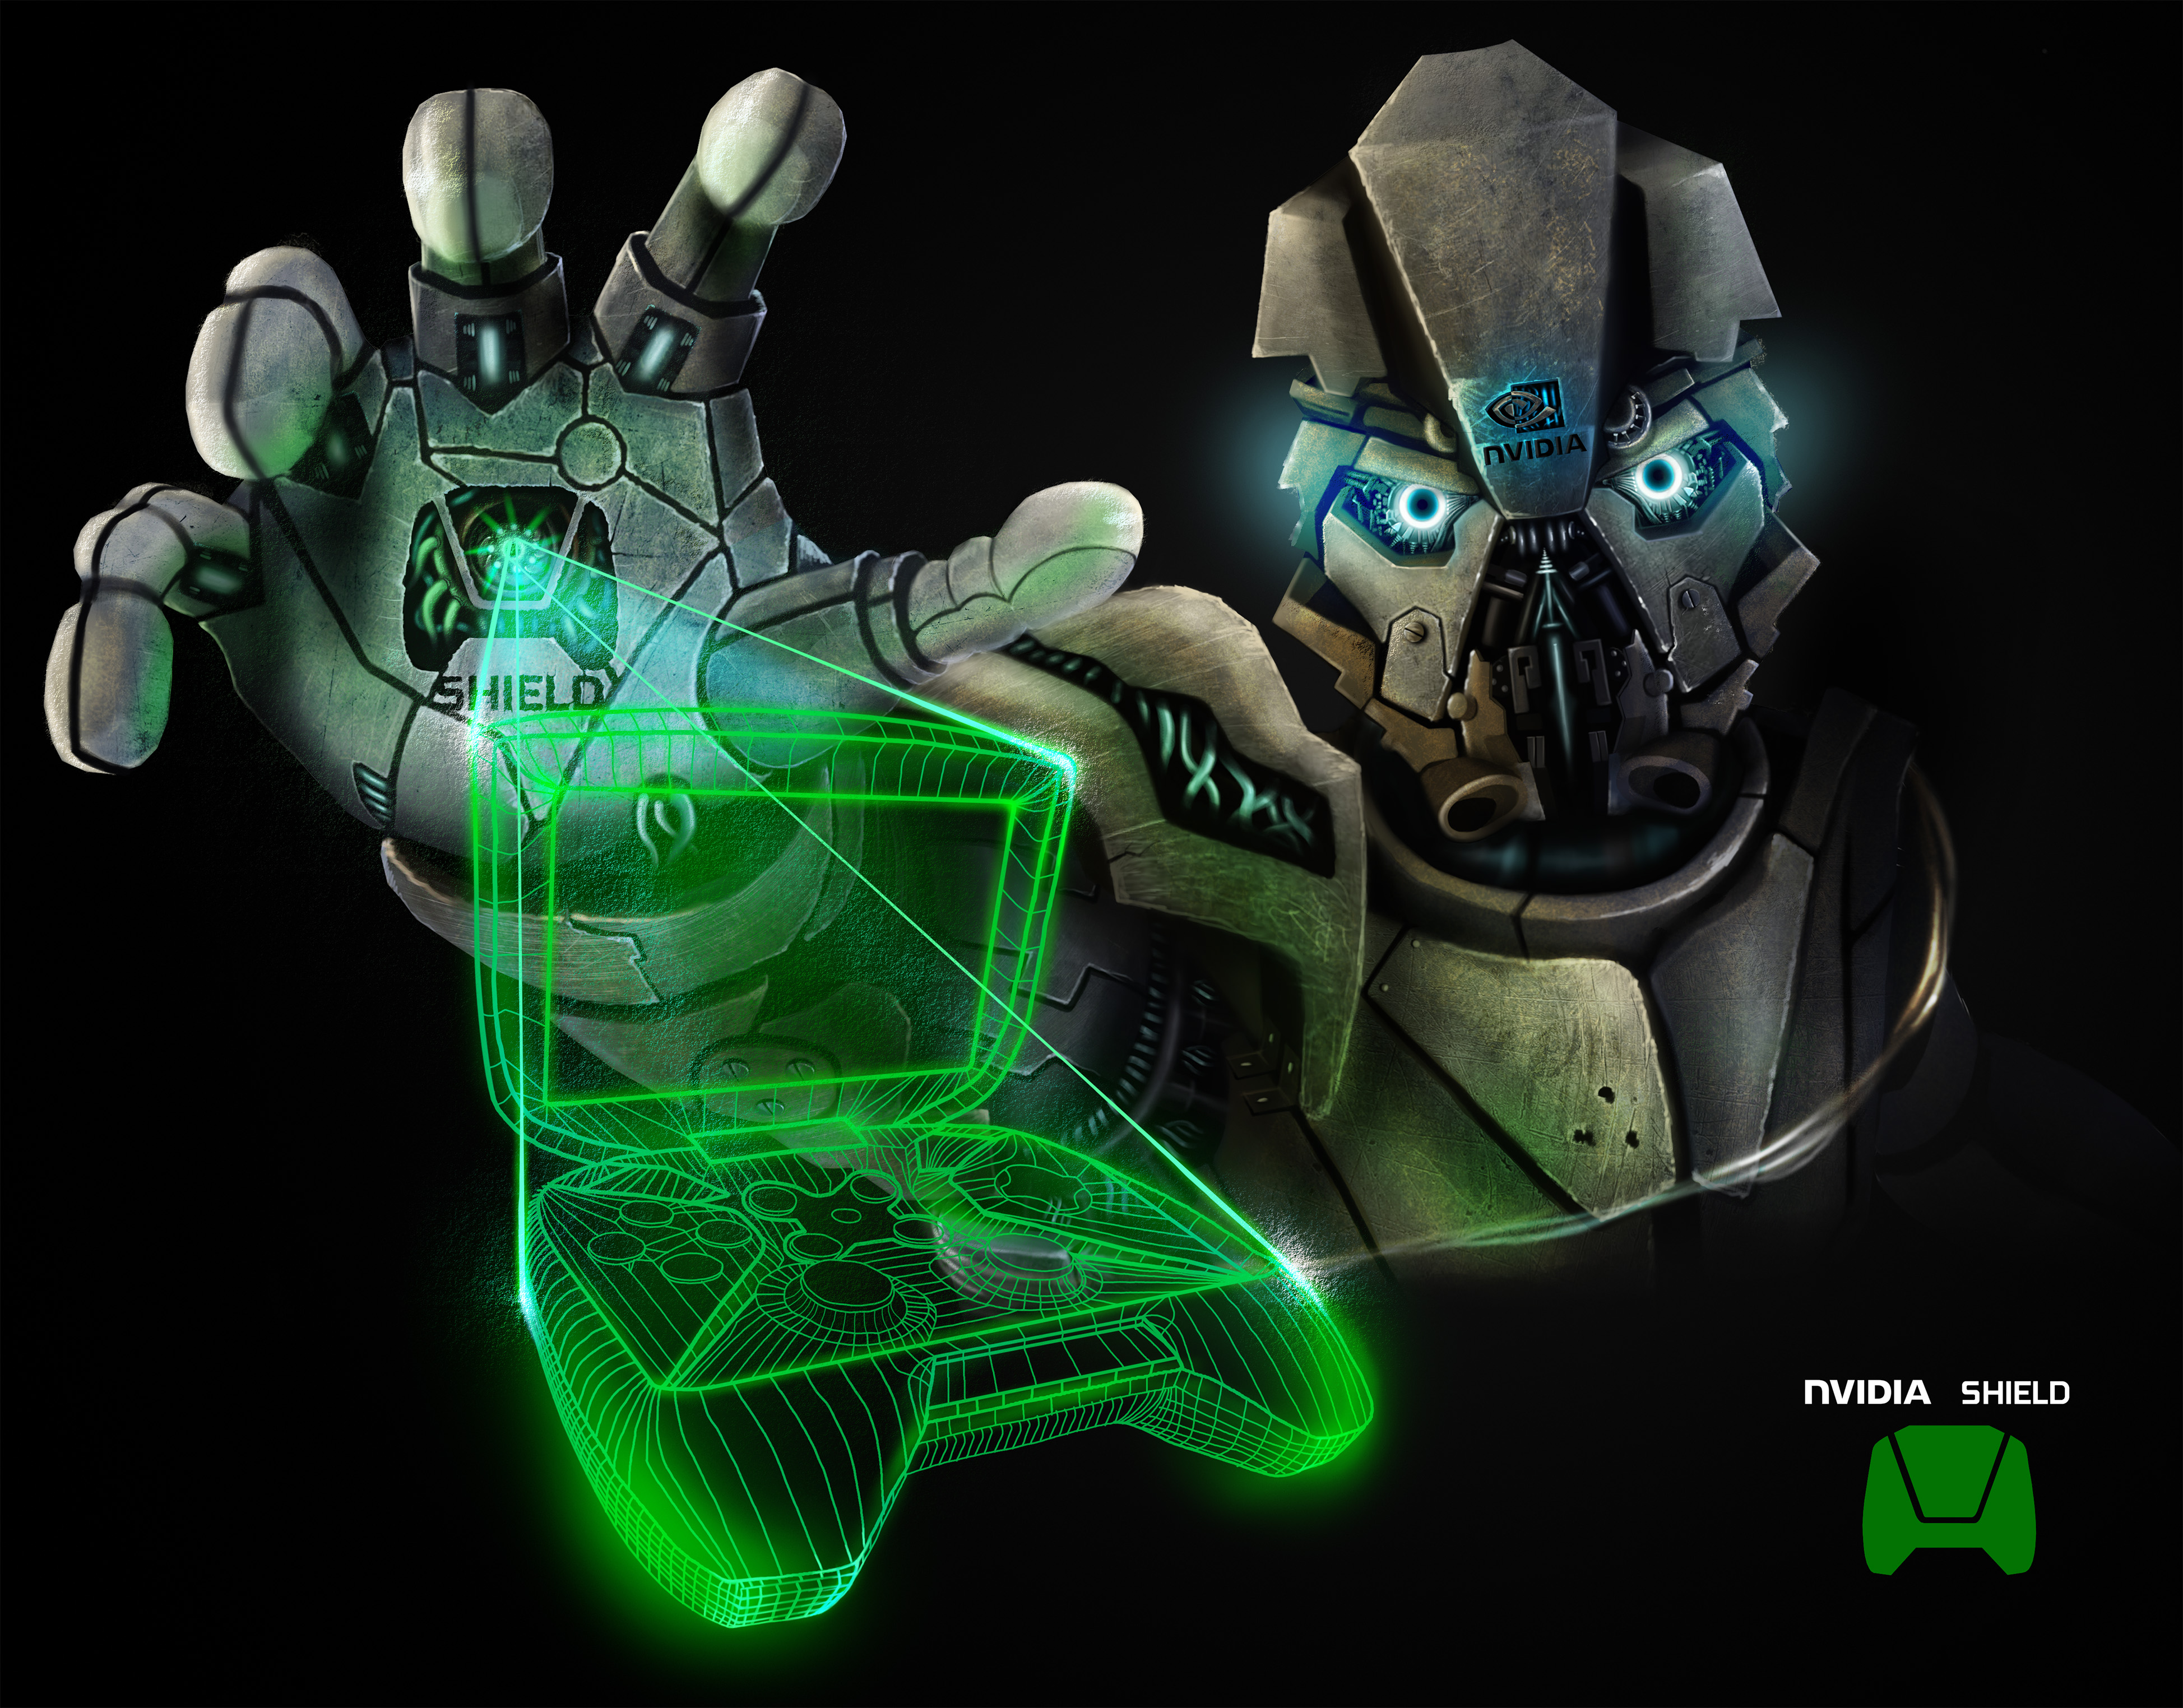 NVIDIA SHILD.jpg